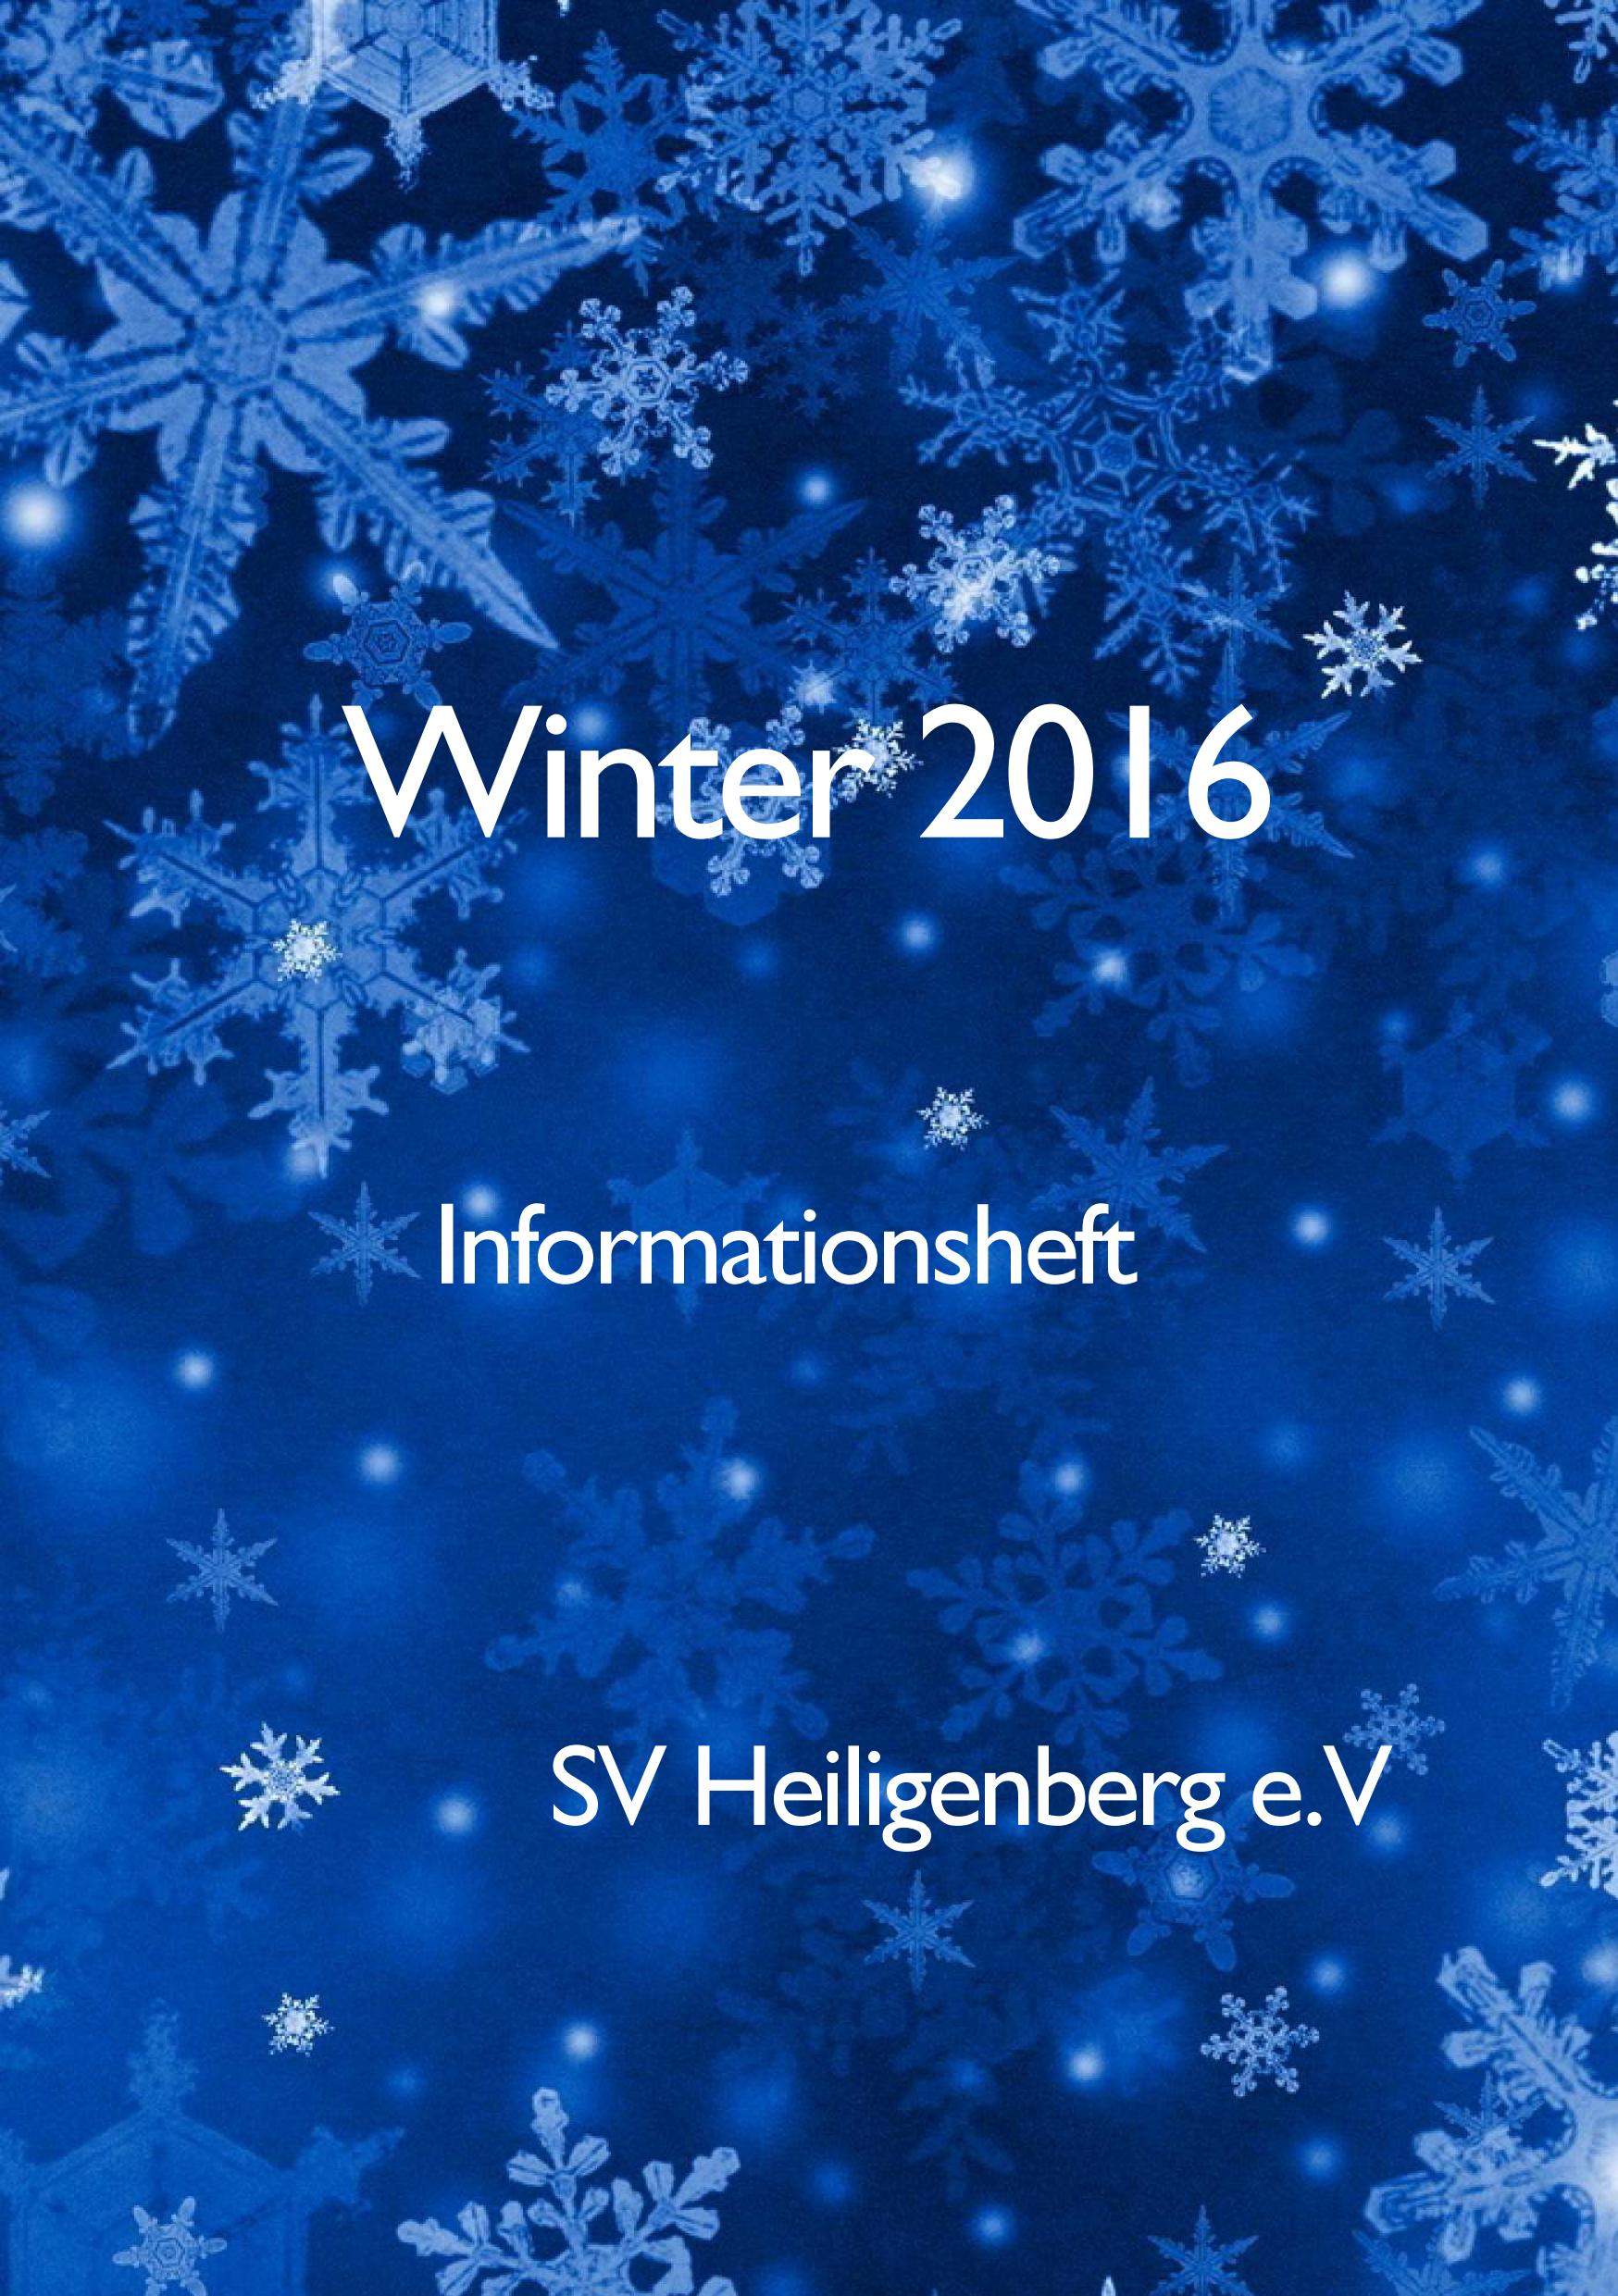 Info-Heft_Winter2016_Deckblatt_01.png